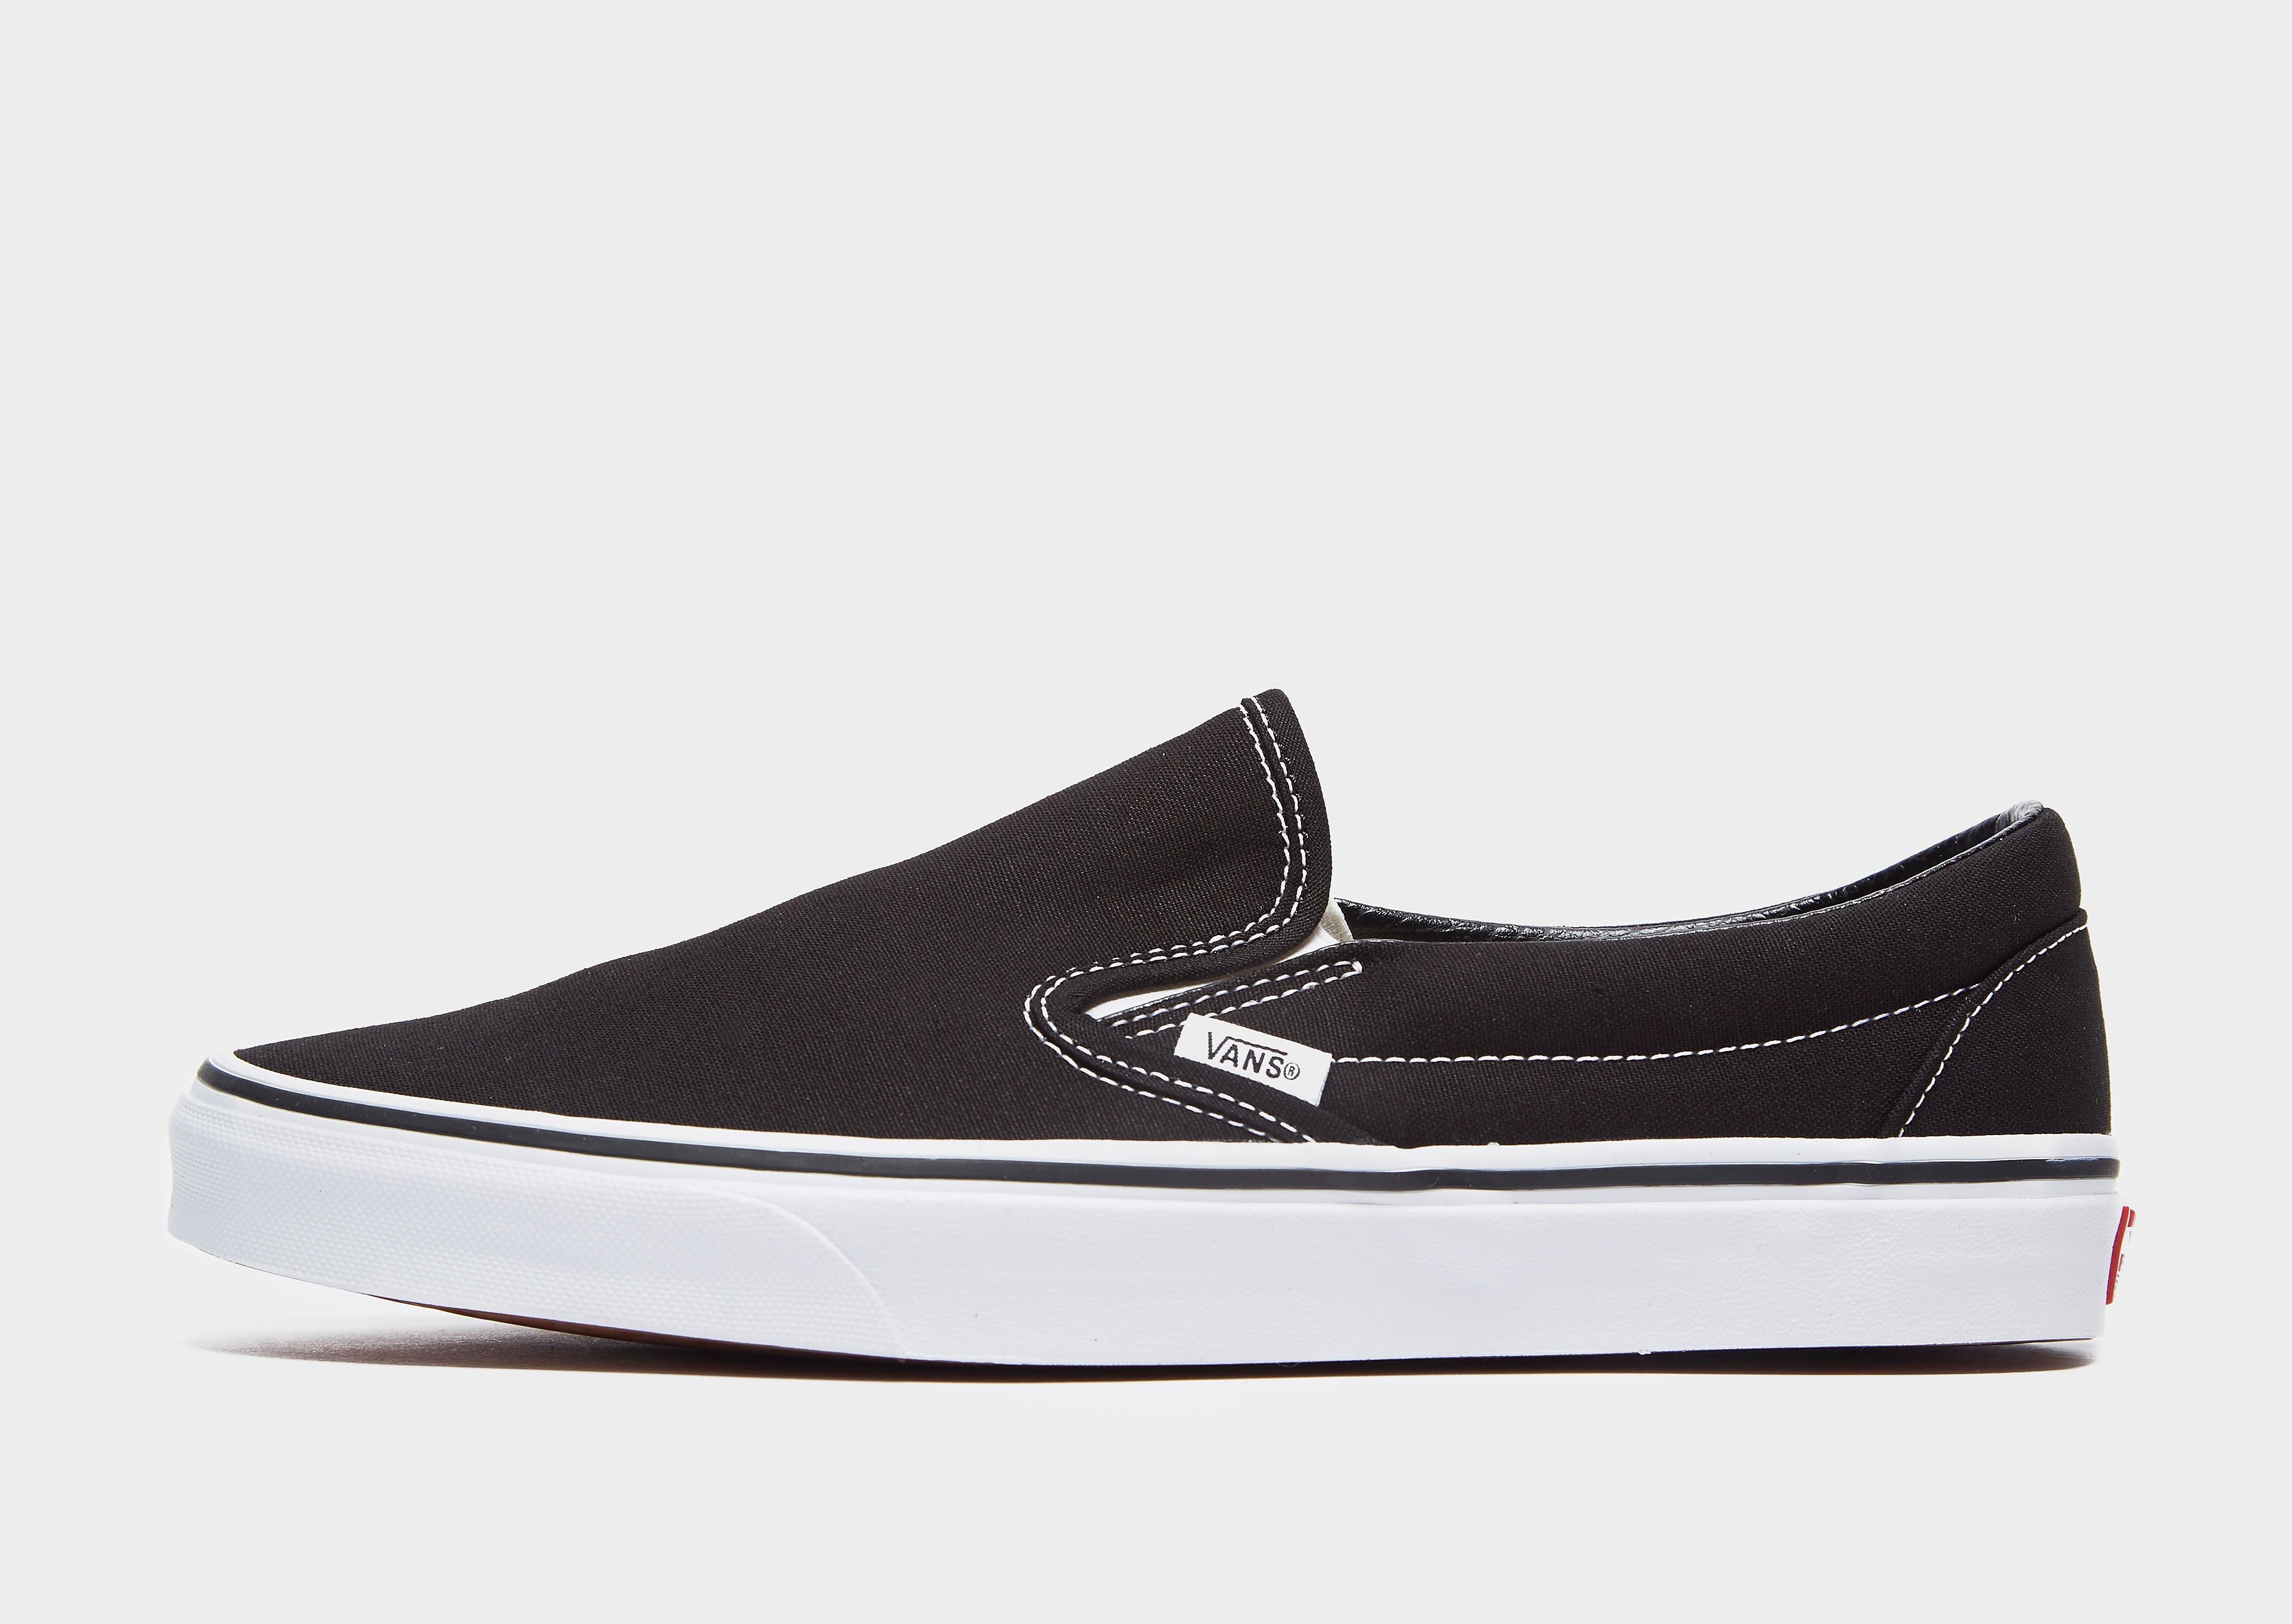 Vans Classic Slip-On herensneaker zwart